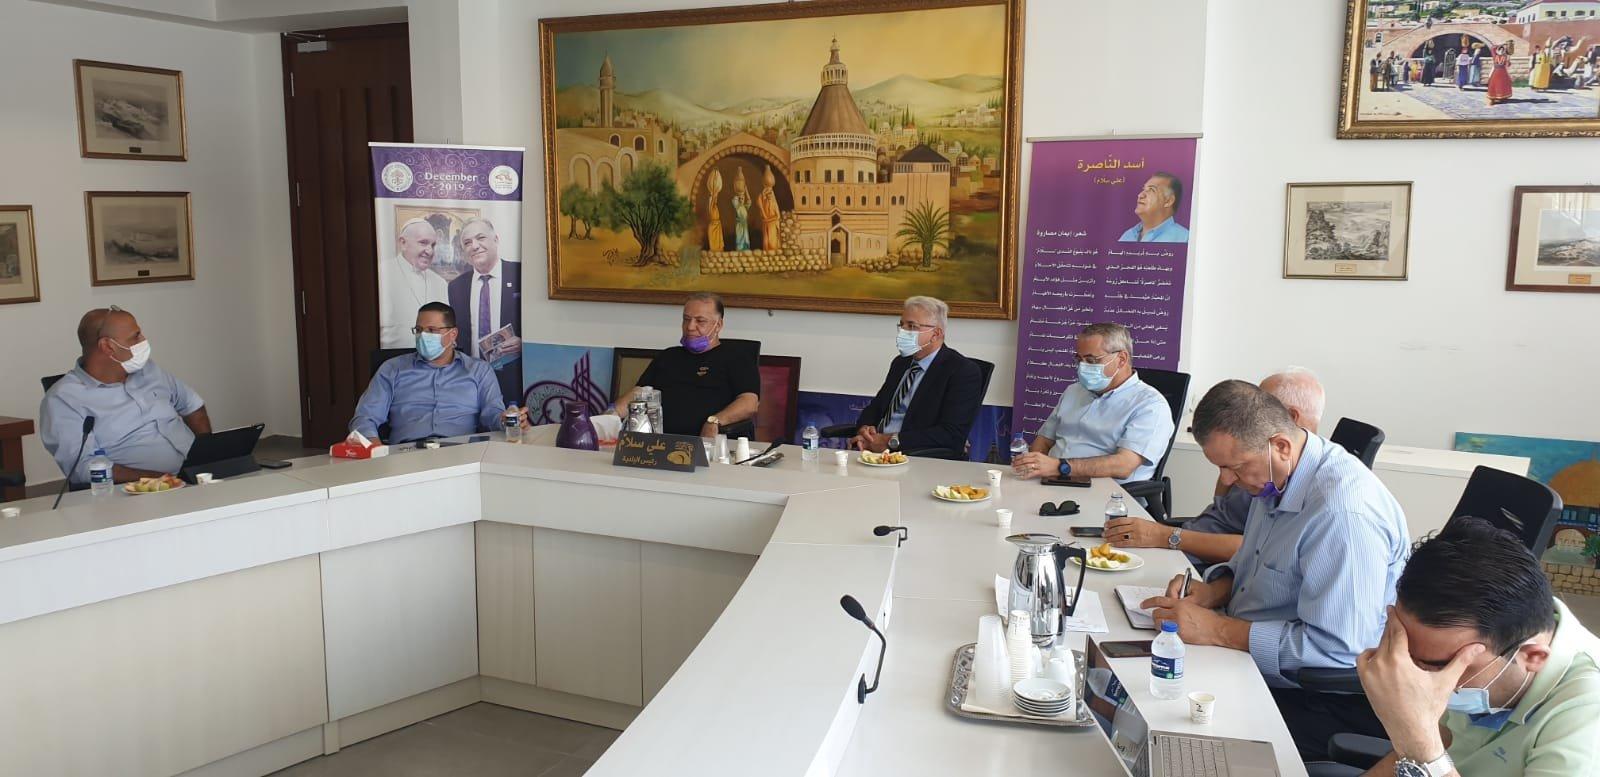 انطلاق مشروع المدارس الآمنة من الكورونا في الناصرة-8